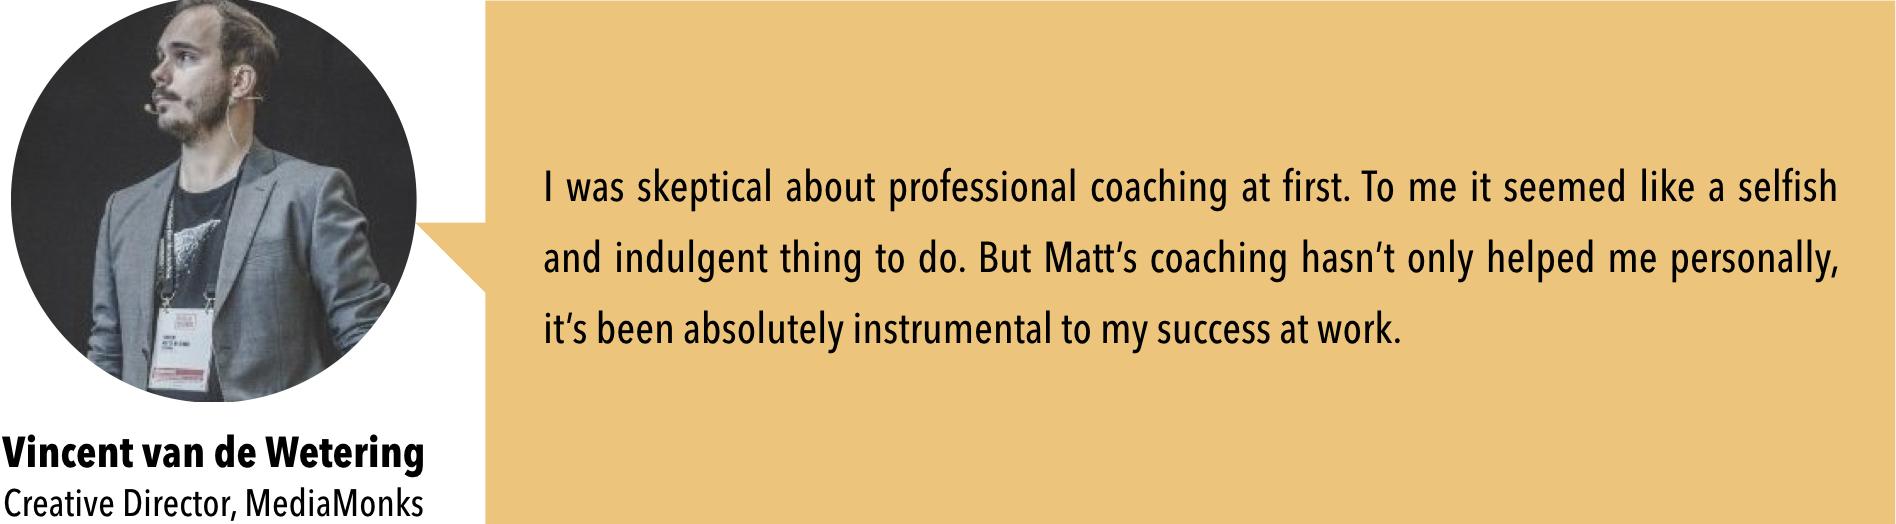 coaching-vncent-van-de-wetering-leading-left.jpeg